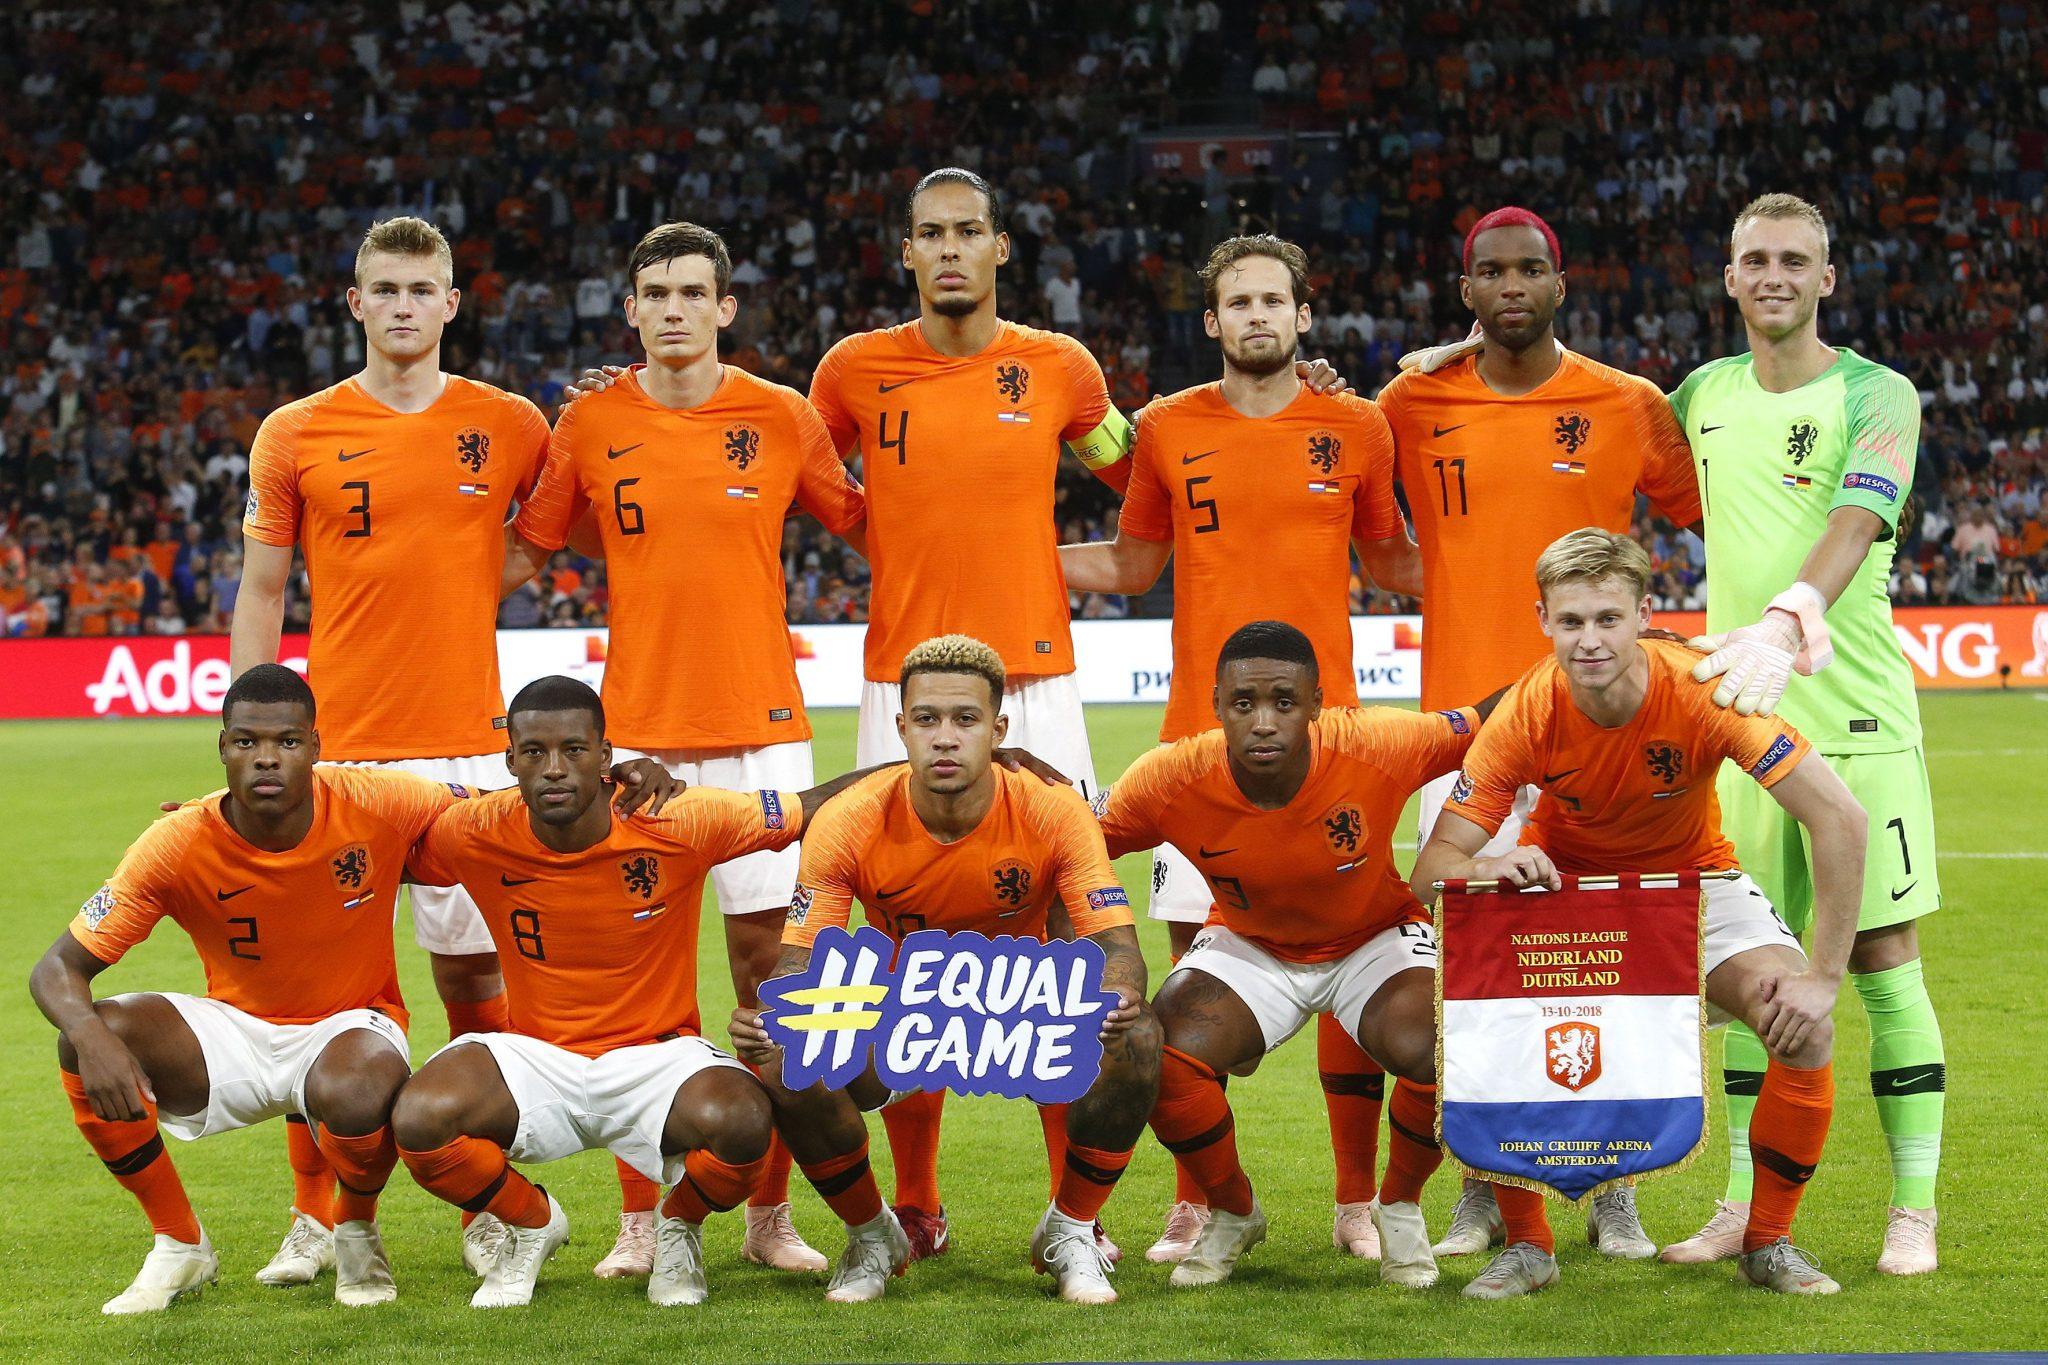 Zweden Bezorgt Oranje 3 Thuiswedstrijden Bij Plaatsing Voor Ek Sportnieuws